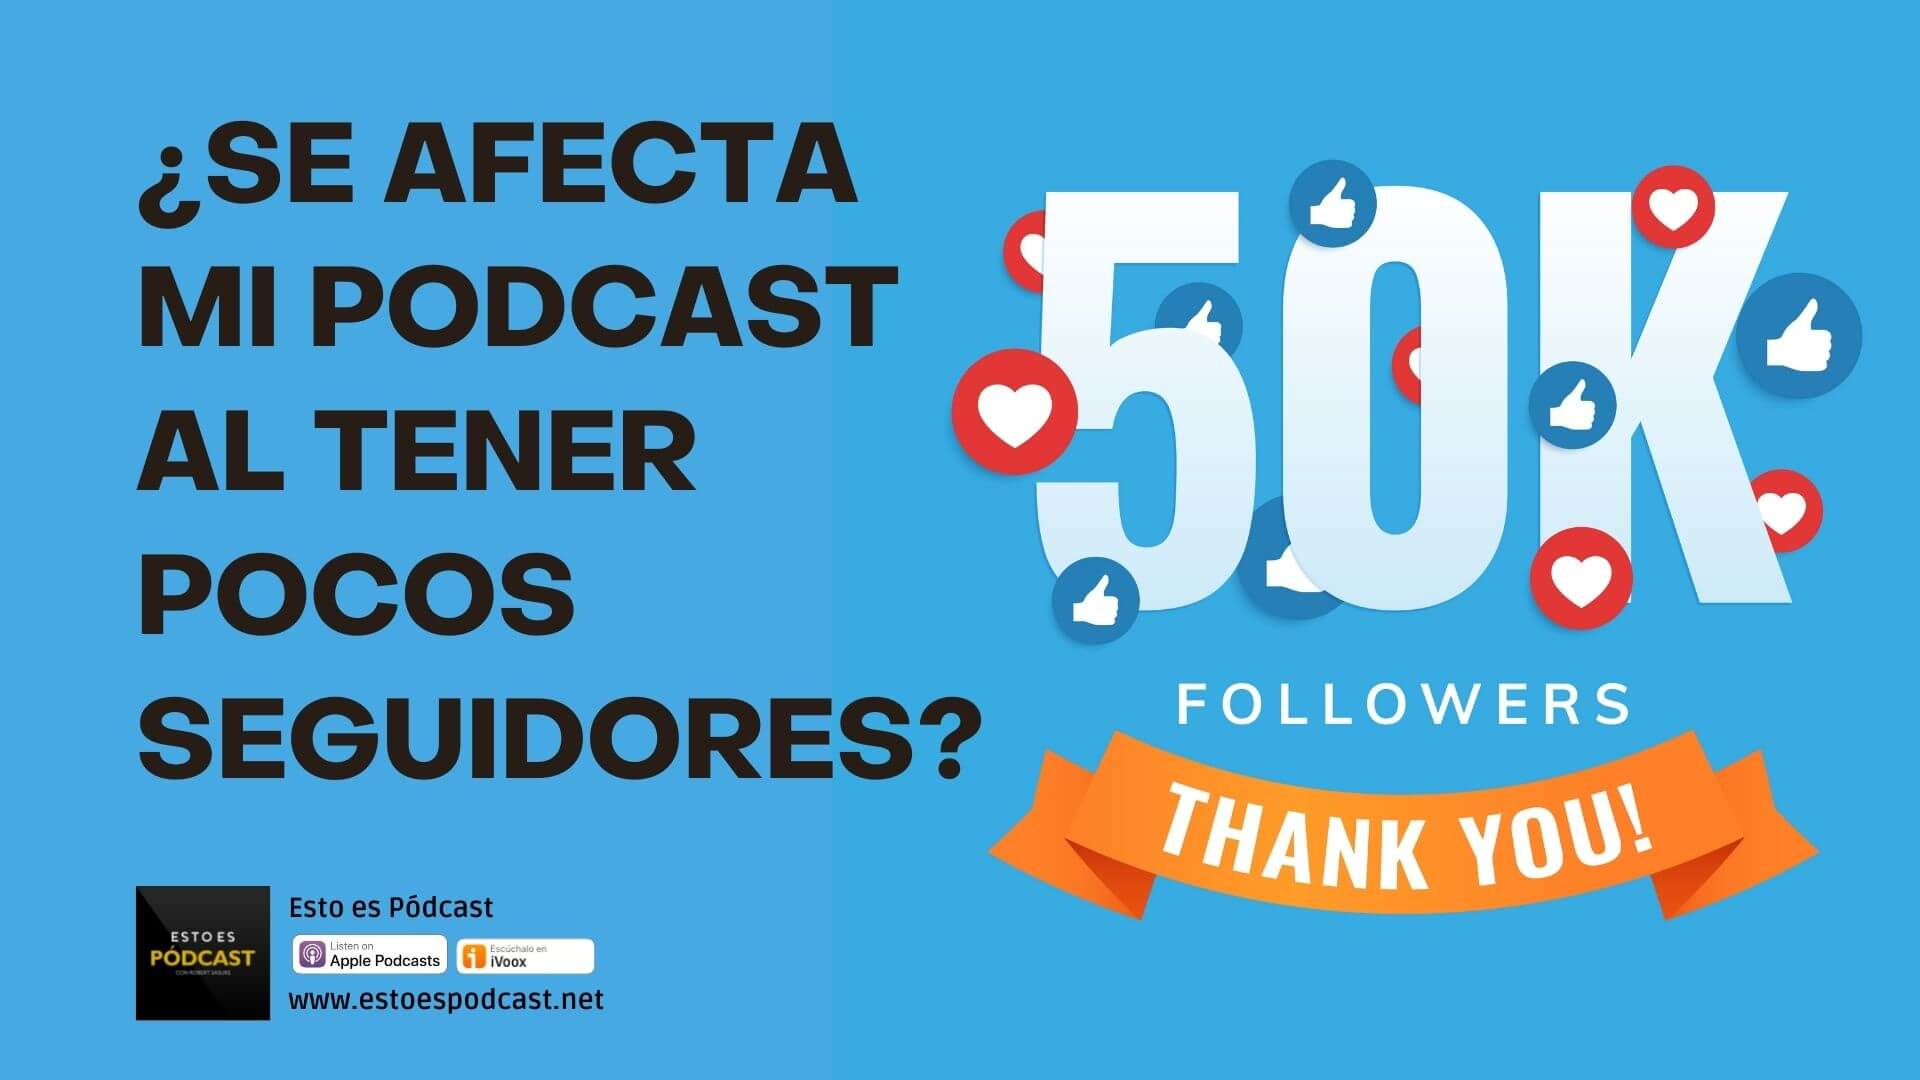 153. ¿Se puede afectar mi podcast si tengo pocos seguidores en Redes Sociales?